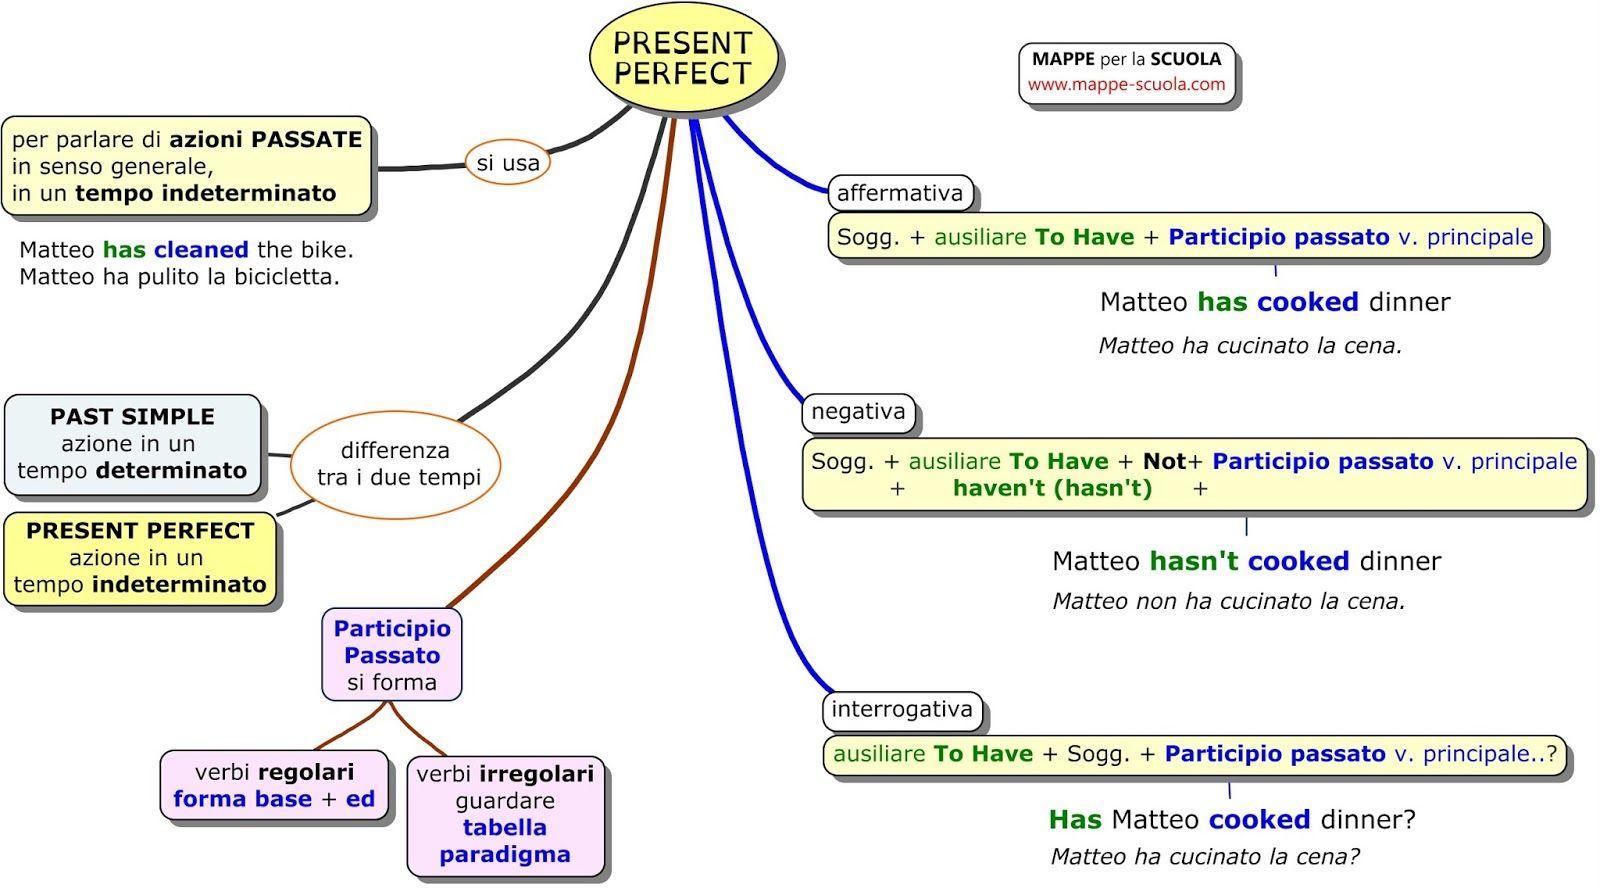 Present Perfect Mappe Scuola Dsa 888